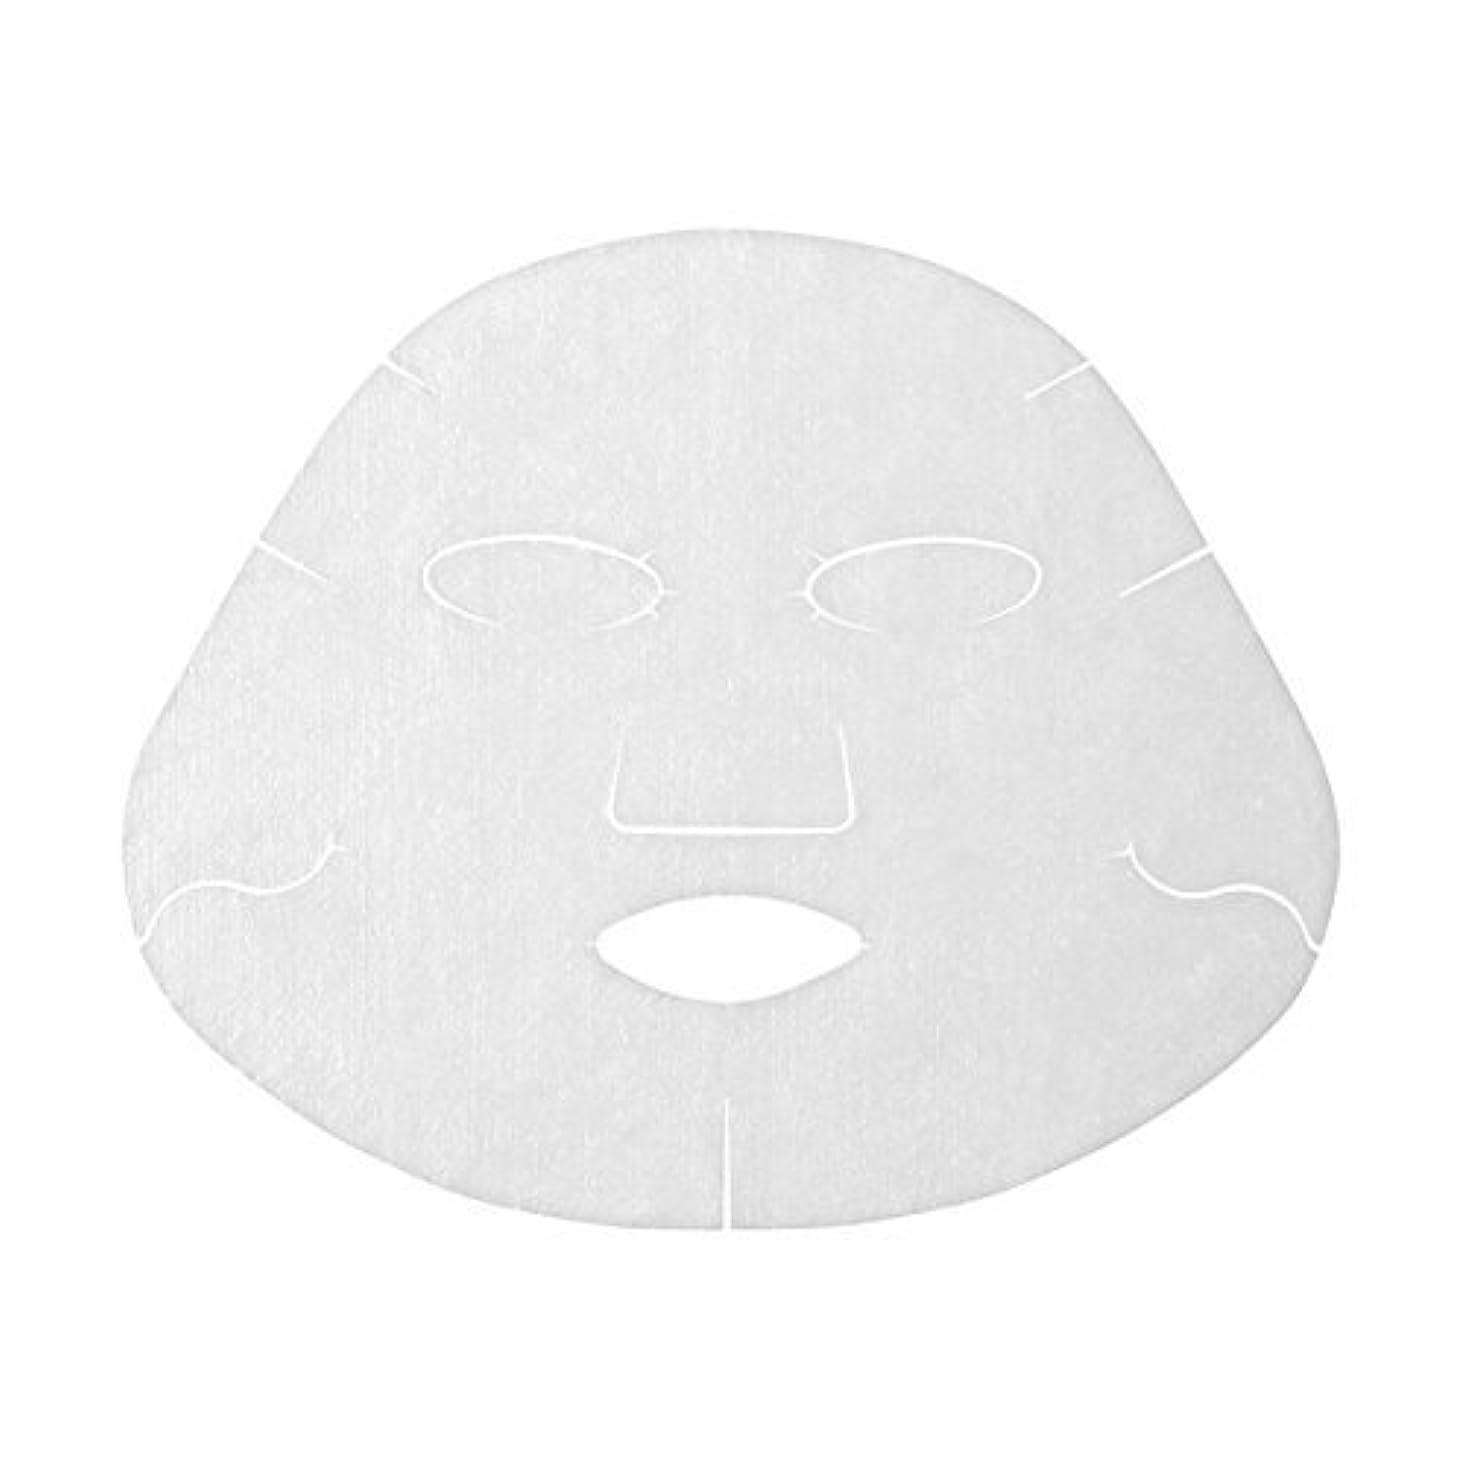 みぞれ美容師ワインアクアレーベル リセットホワイトマスク <1枚入り> 18mL×1枚×6個